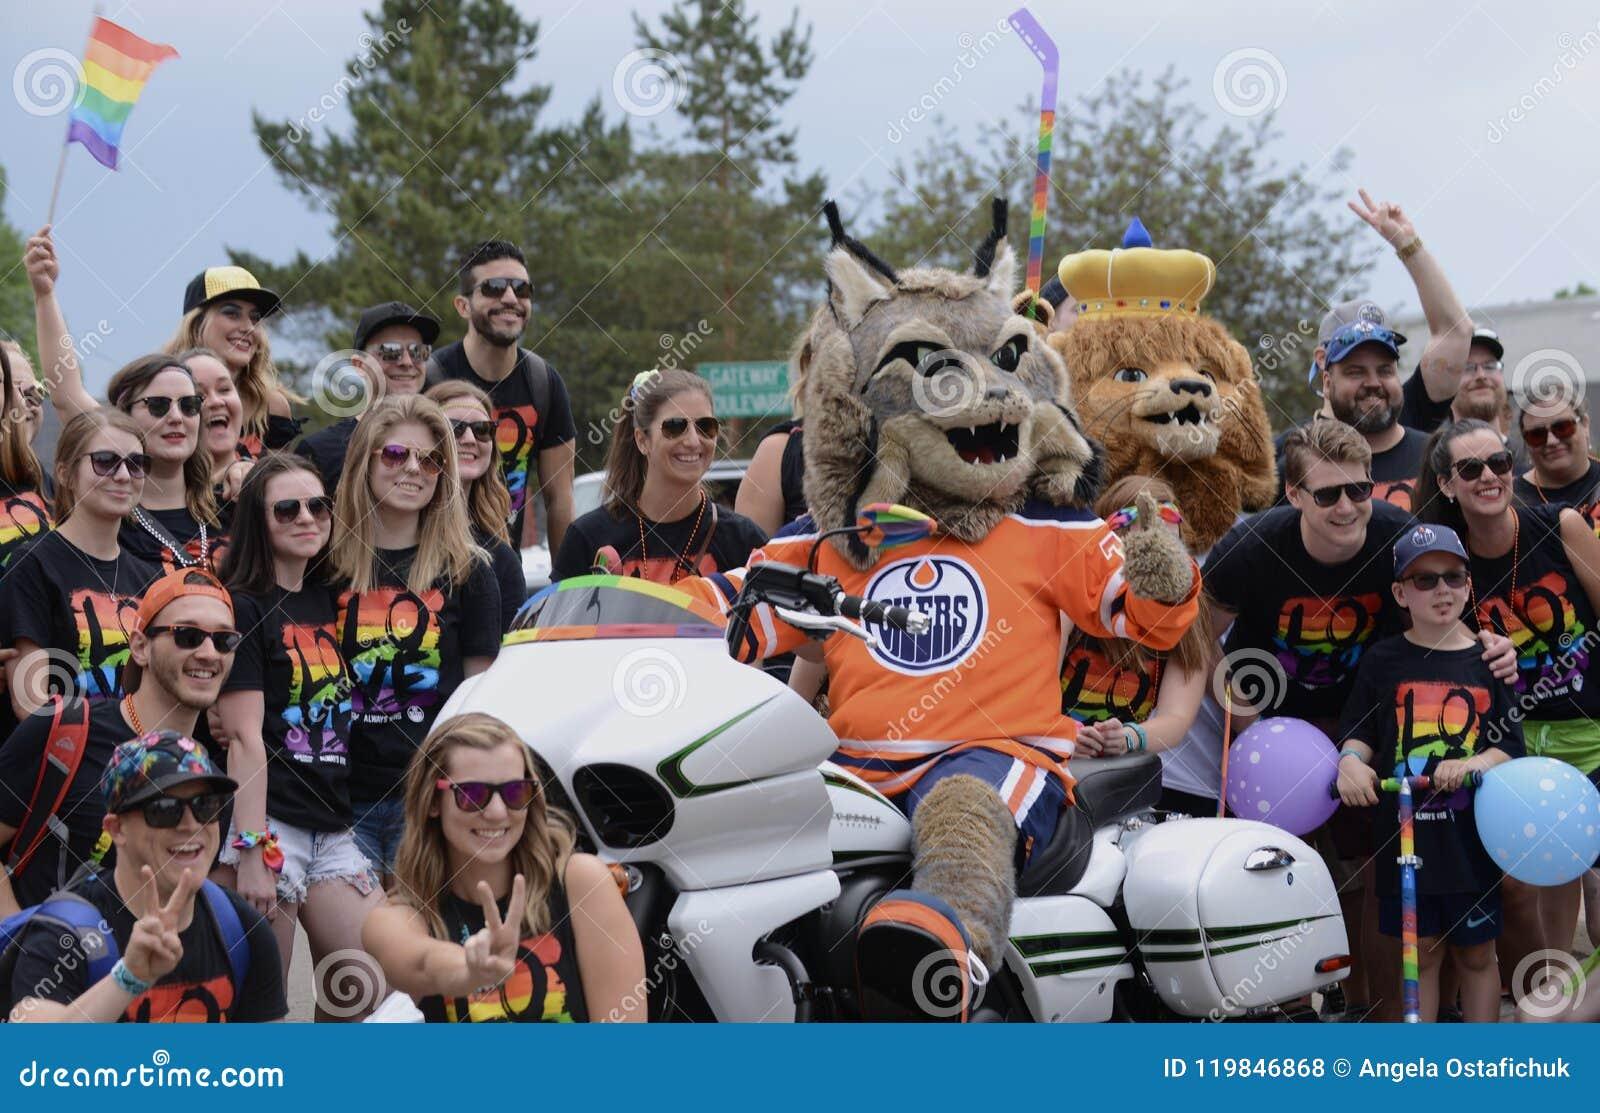 Edmonton, Canada-June 9, 2018: Pride Supporters At Edmonton`s Pride Parade